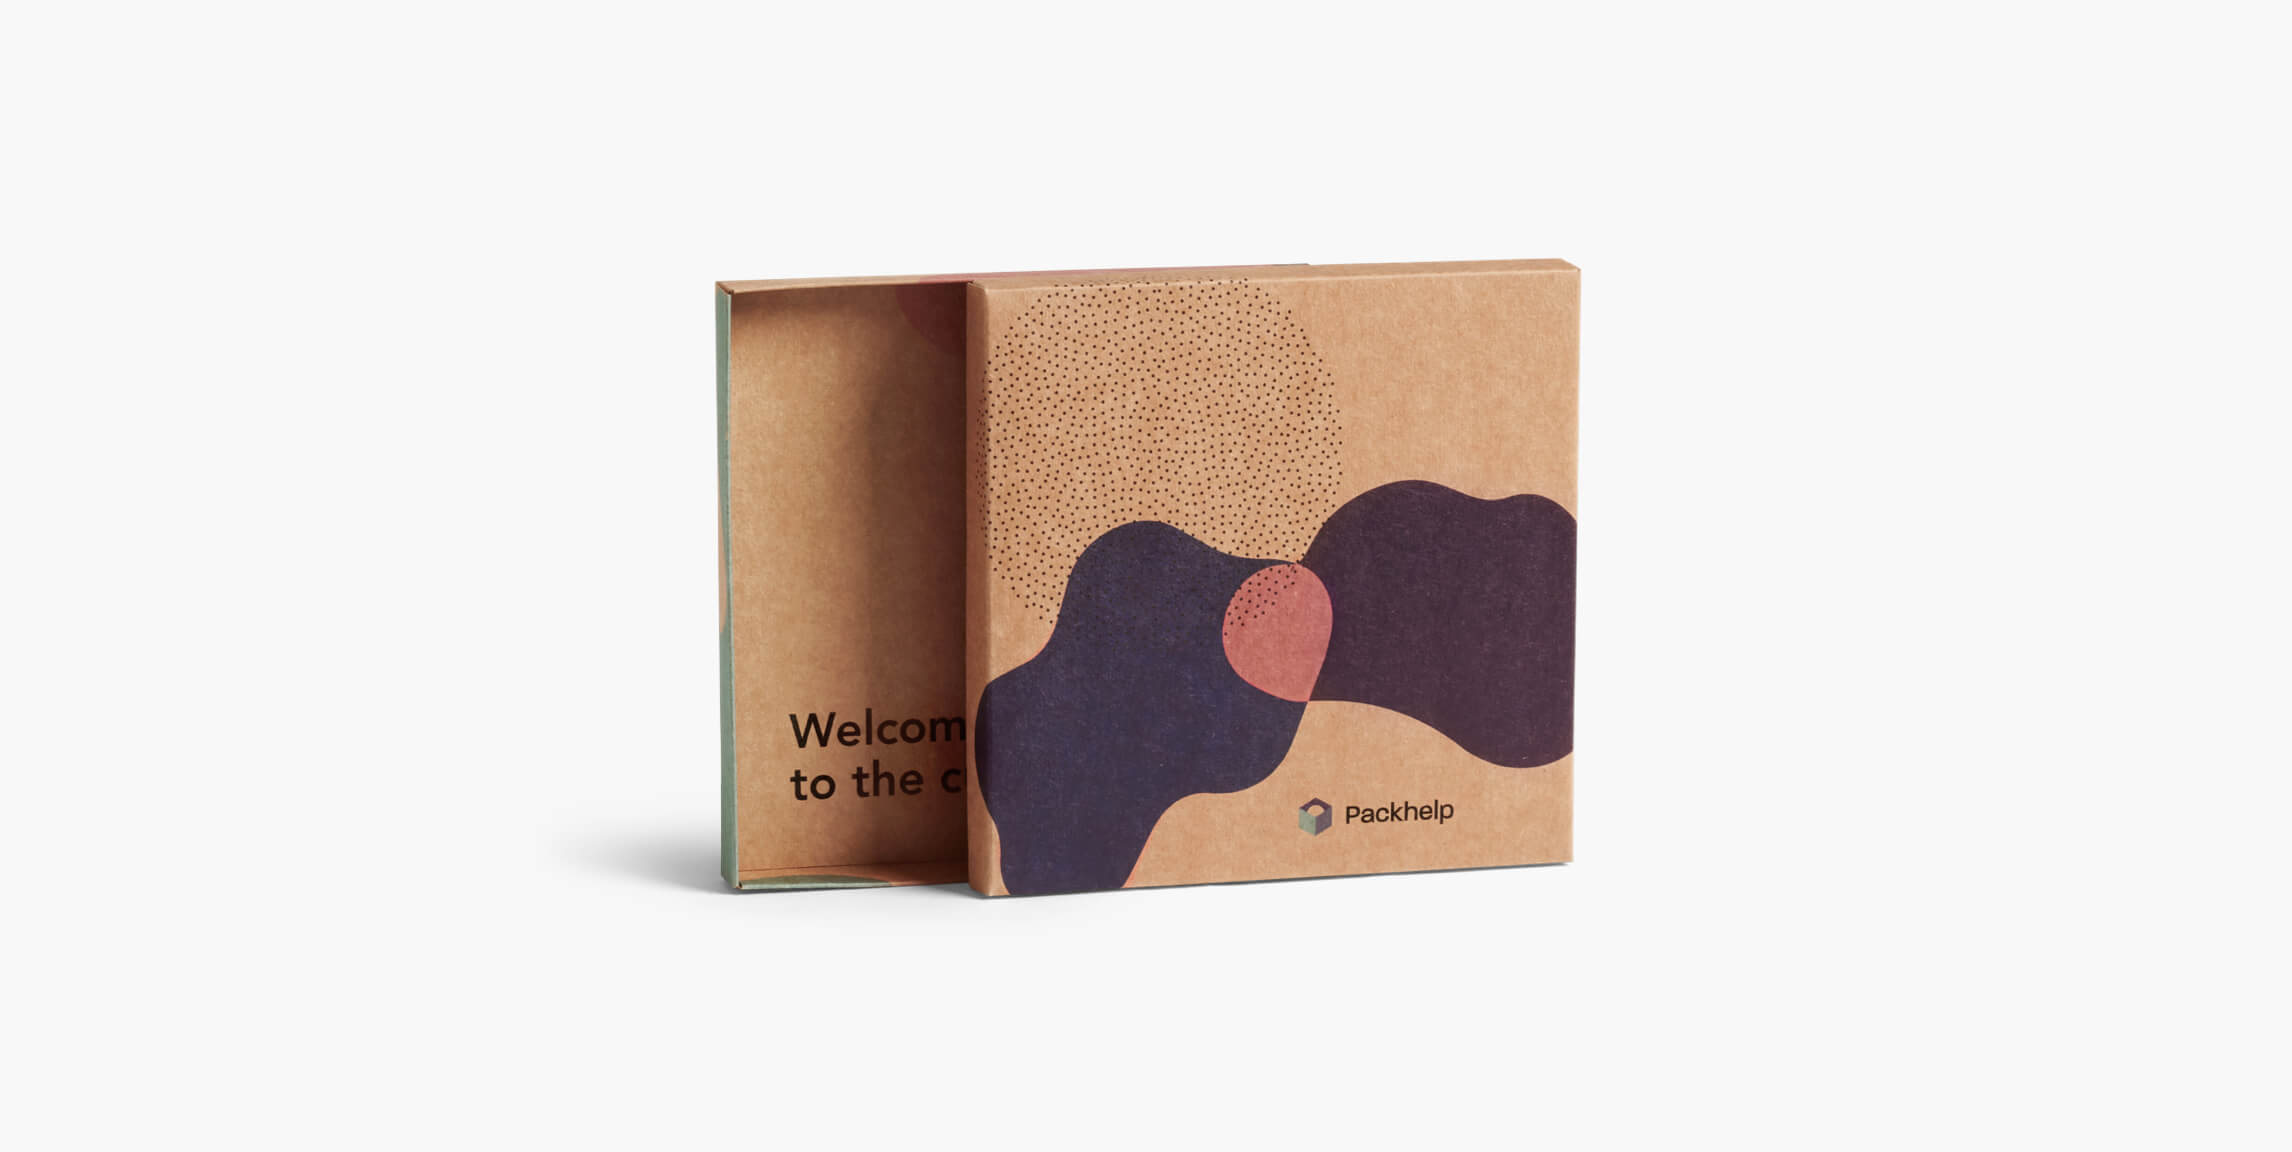 Scatola per prodotti in due pezzi - scatole personalizzate - Packhelp